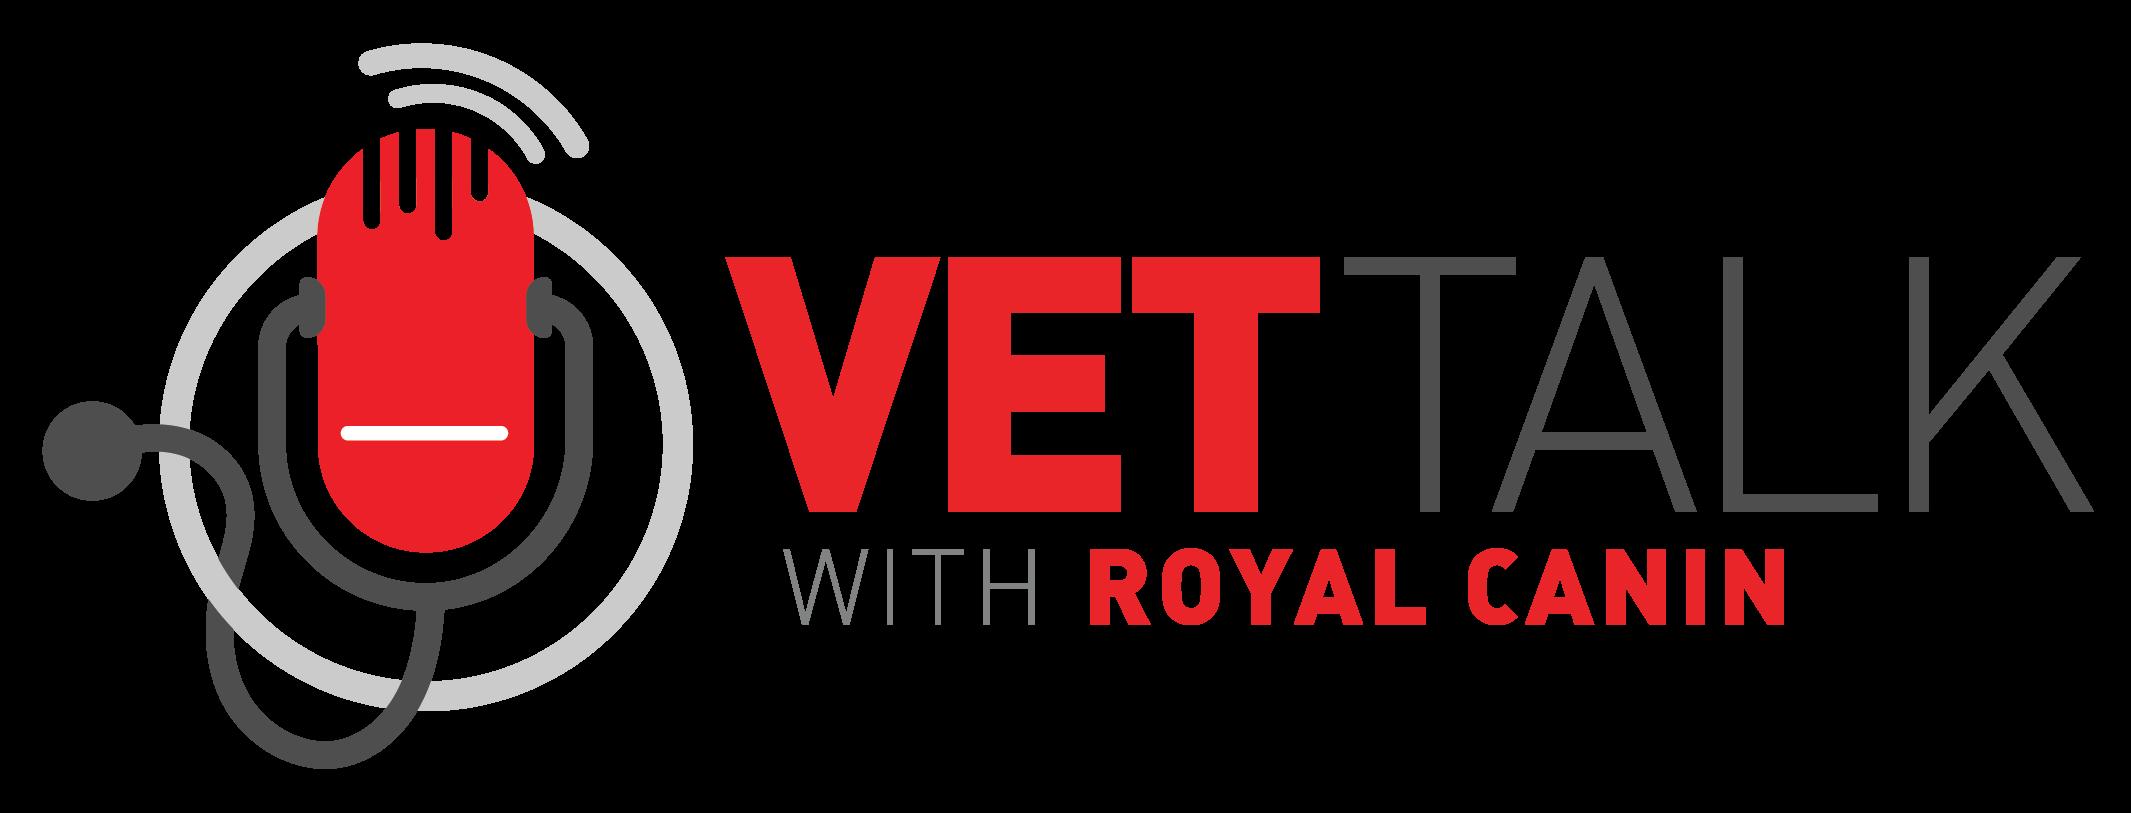 Latest Royal Canin News.